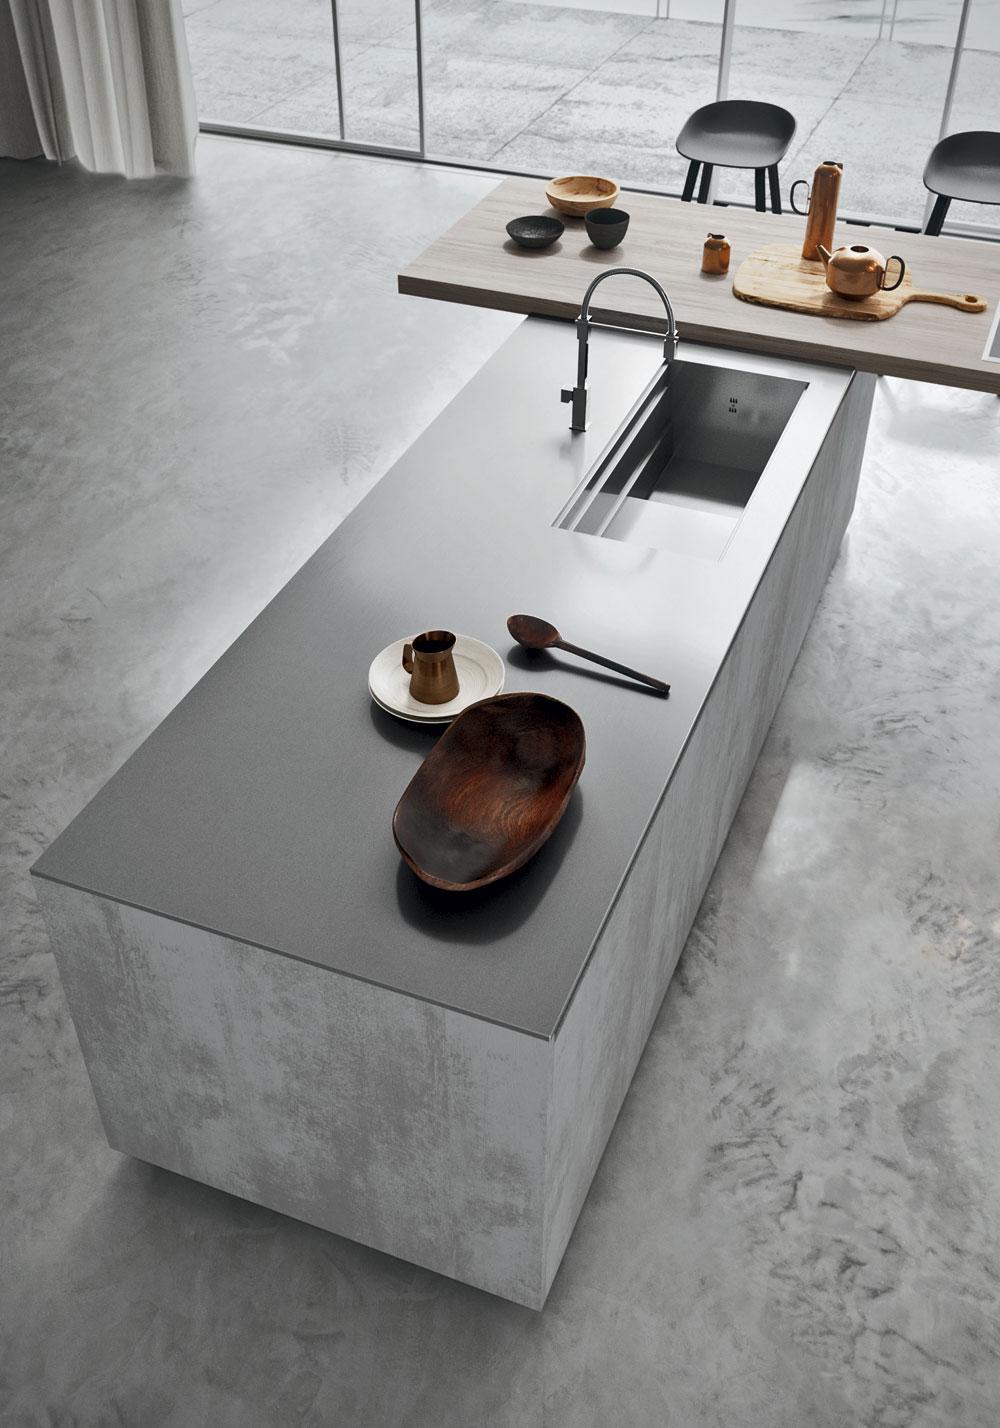 Cucina moderna effetto cemento grezzo